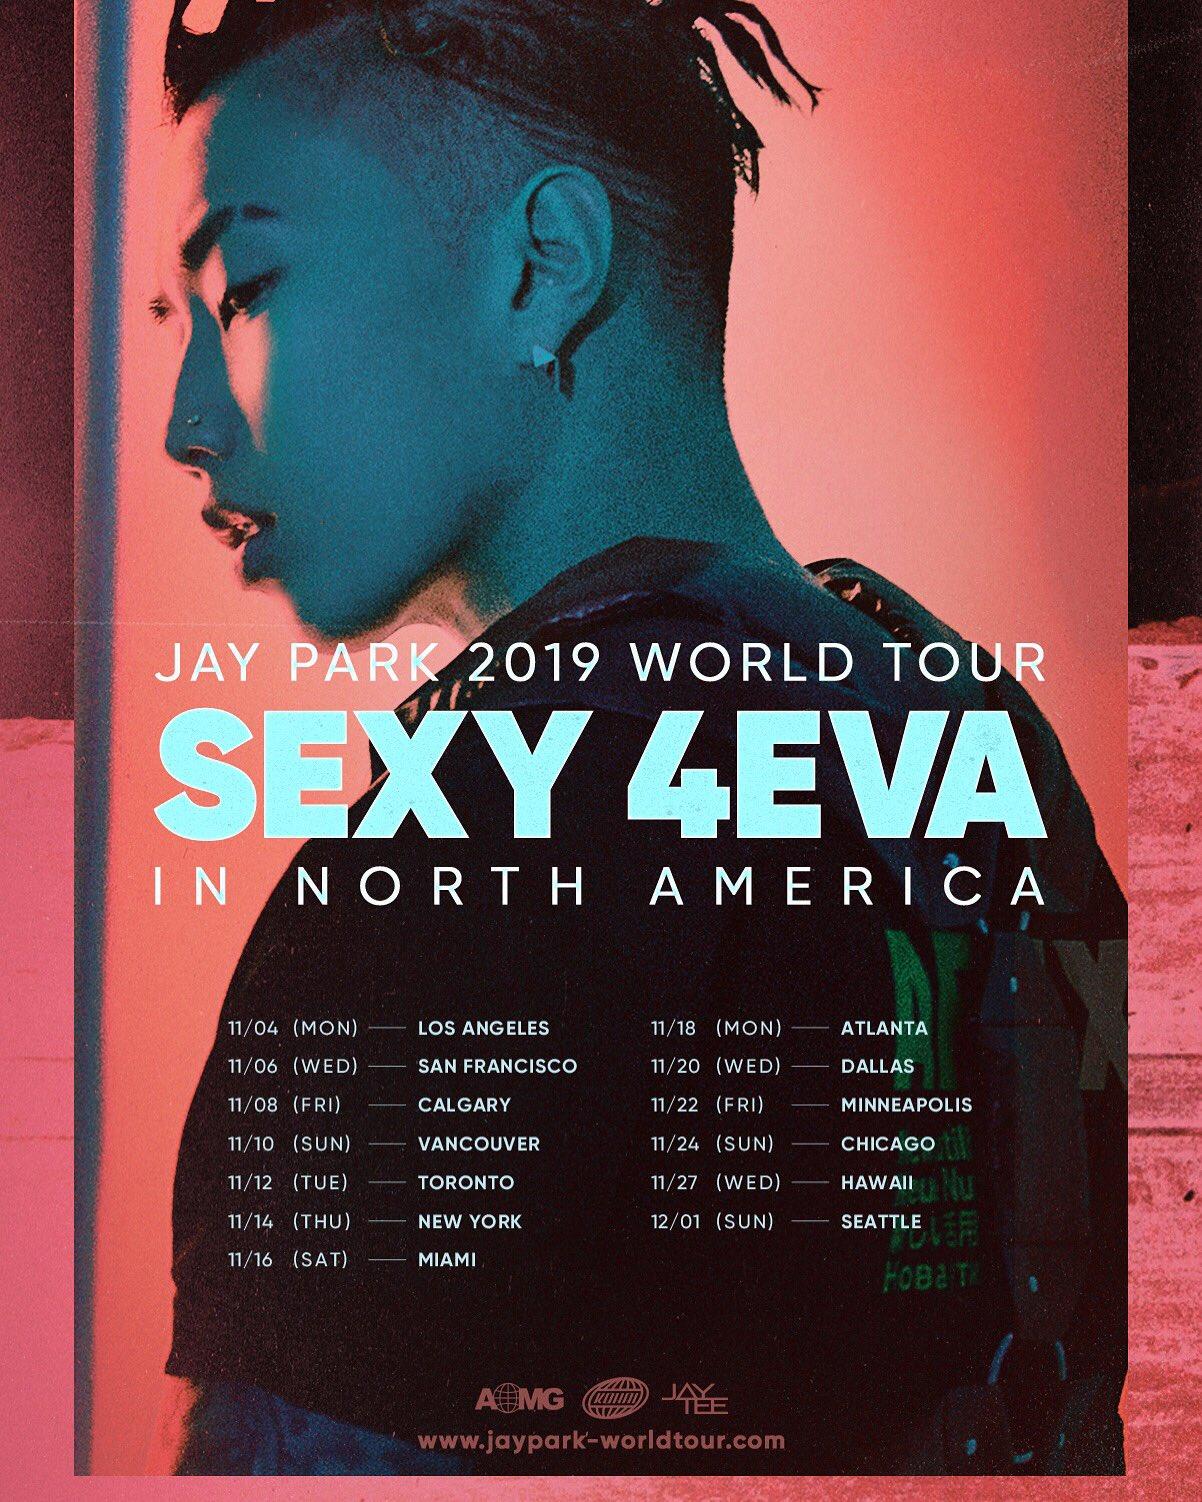 Jay Park Tour 2020 Jay Park 2019 World Tour